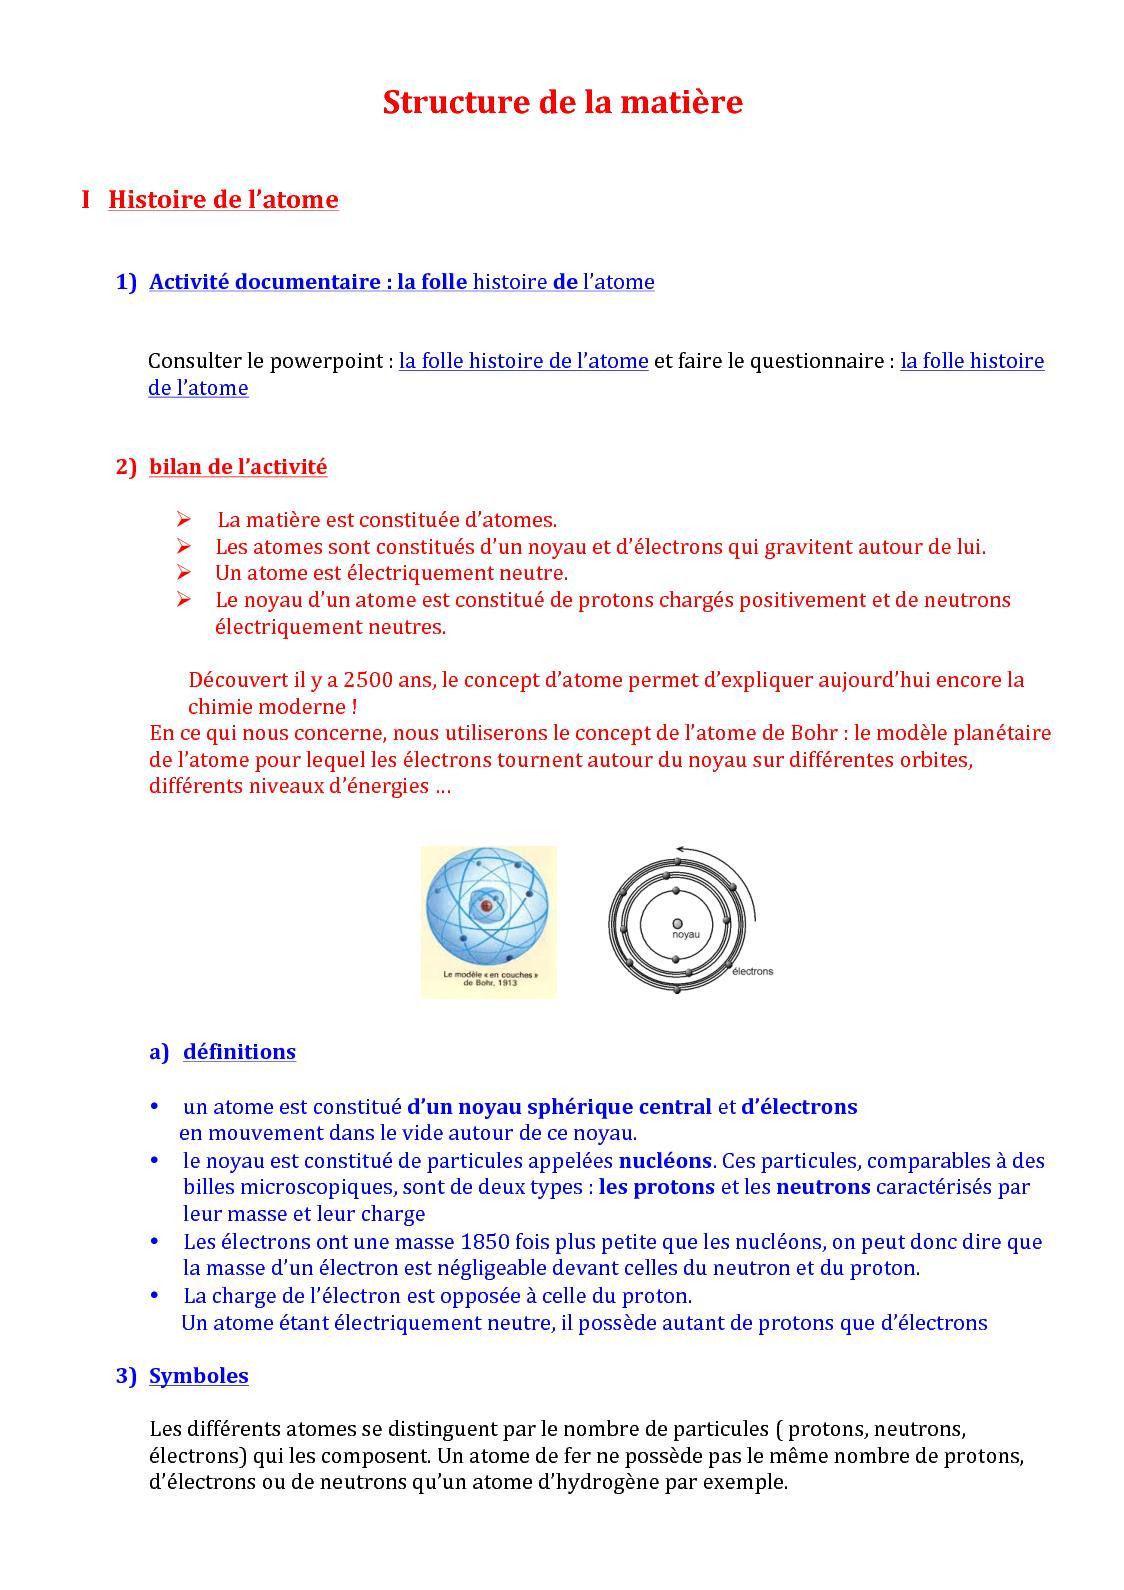 Calameo Bts1 Cours Structure De La Matiere